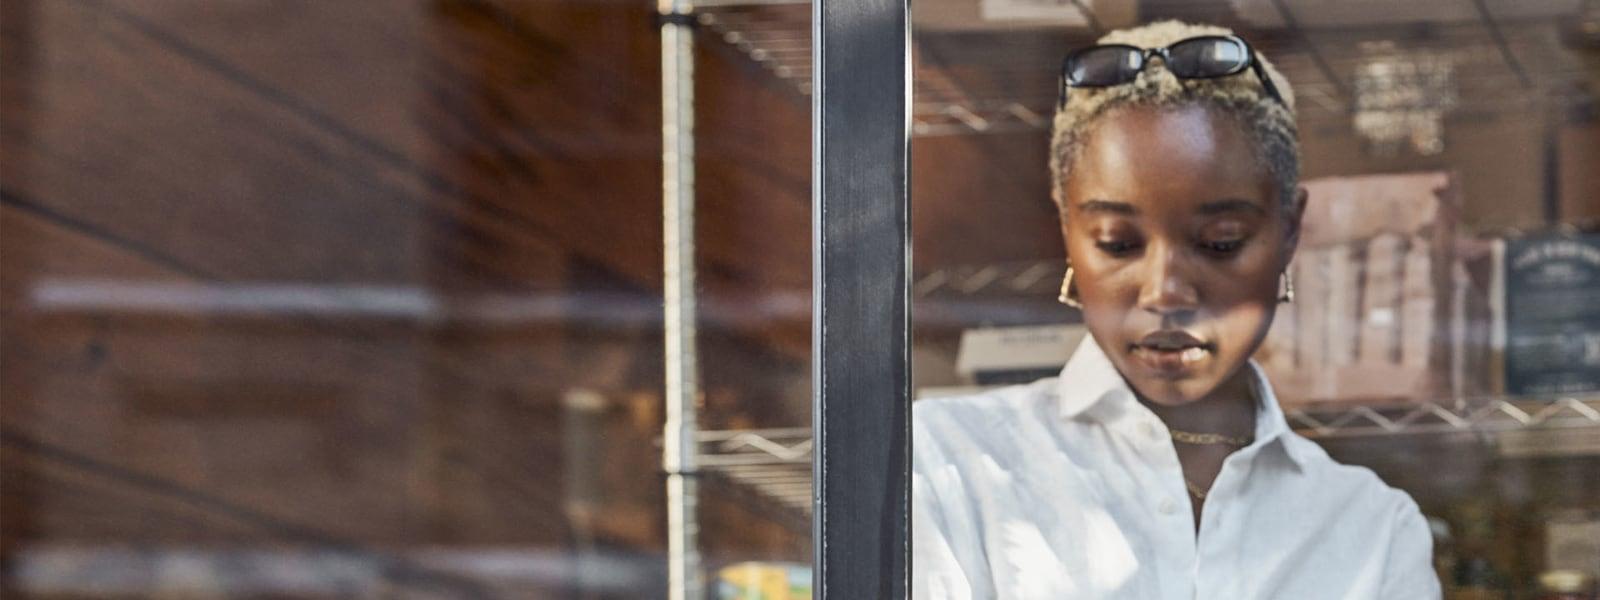 Γυναίκα στέκεται πίσω από ένα παράθυρο και εργάζεται στον φορητό υπολογιστή της